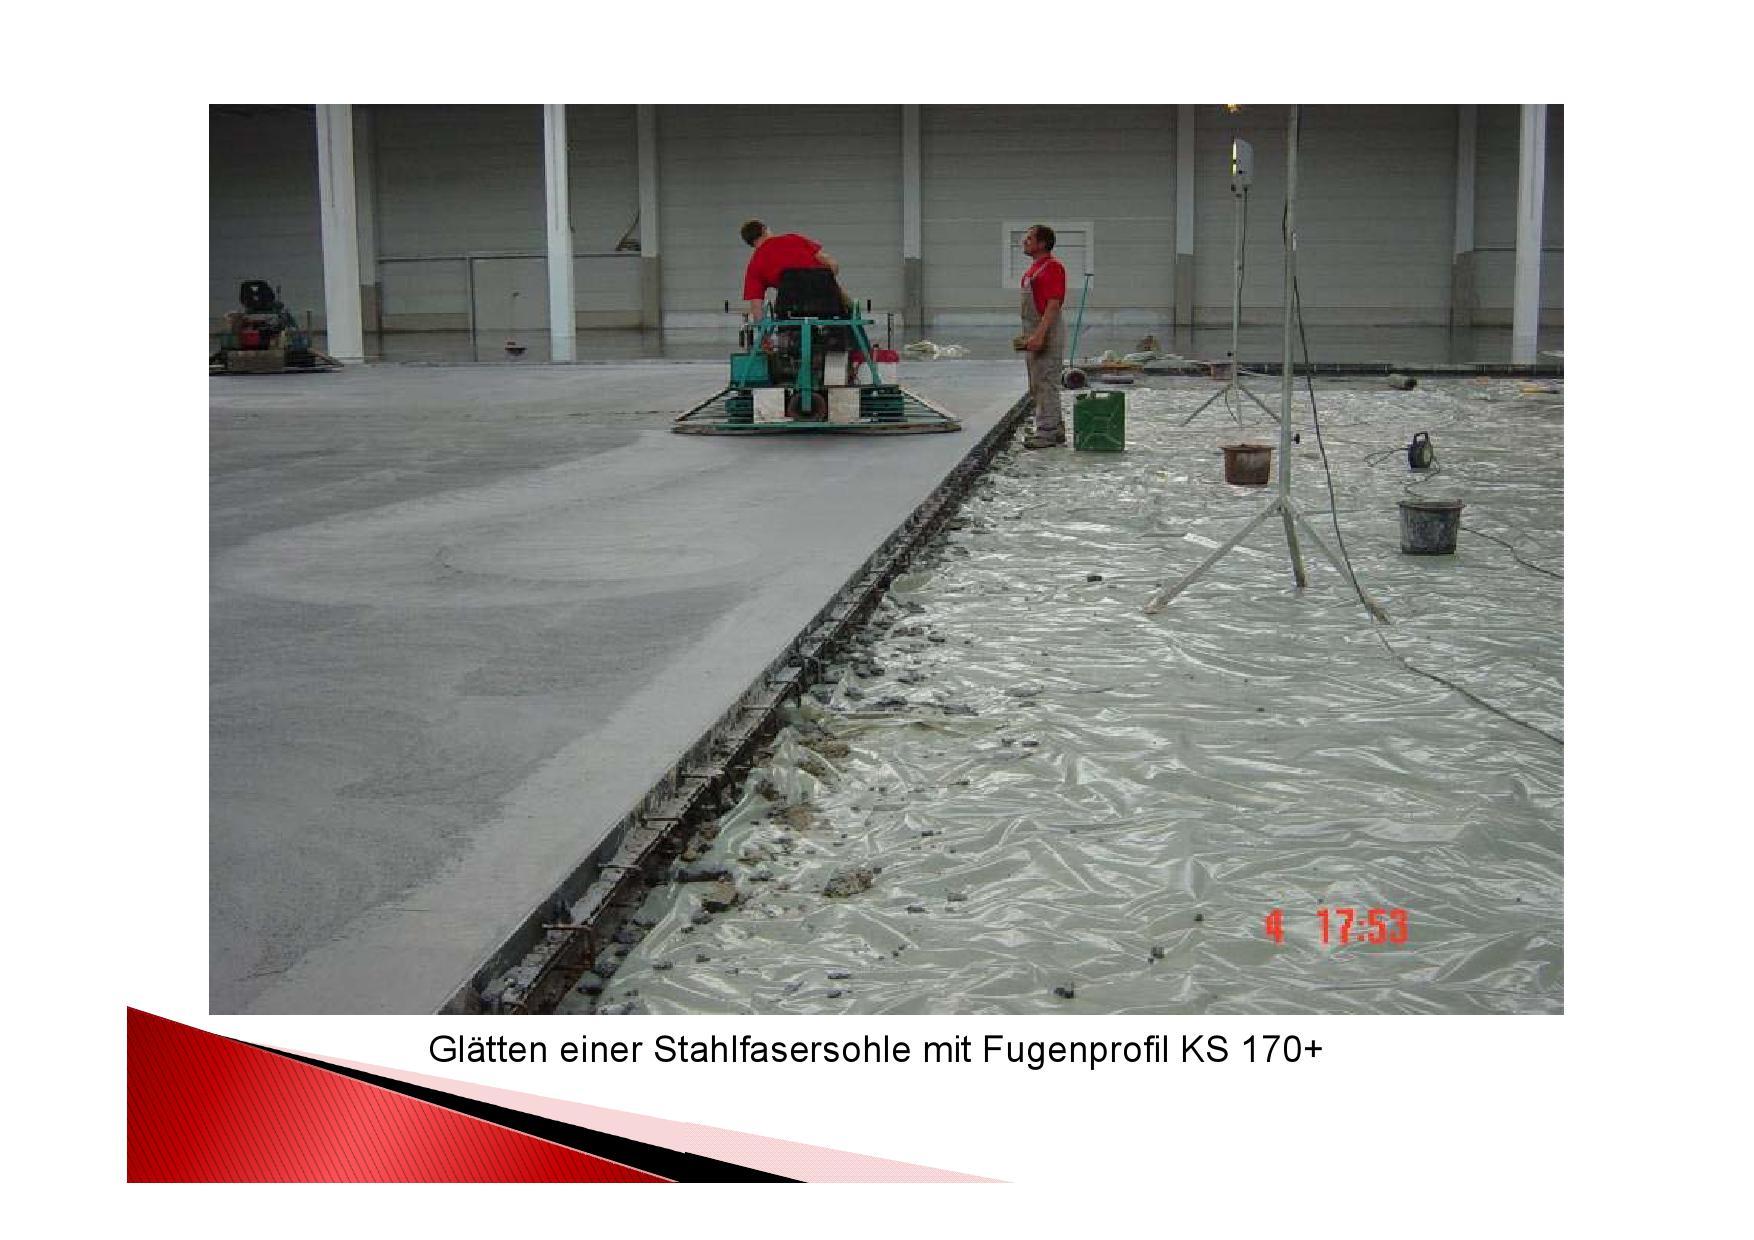 Projektfortschritt Einbau Industrieboden in einer Logistikhalle. Glätten der Stahlfasersohle mit Fugenprofil KS 170+